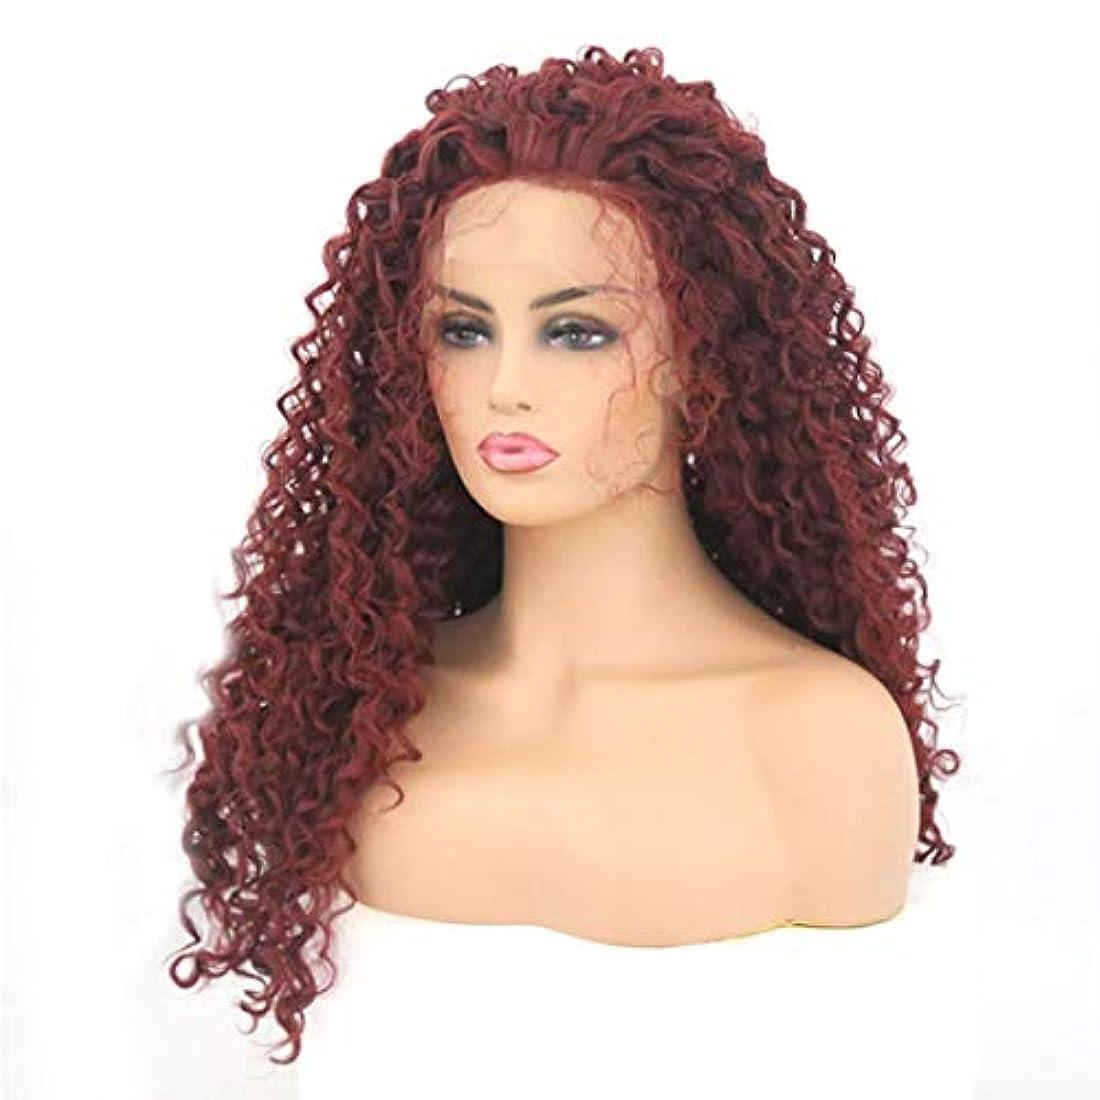 無条件ピアースコールSummerys 本物の髪として自然な女性のためのフロントレースワインレッドカーリーヘアー合成カラフルなコスプレデイリーパーティーウィッグ